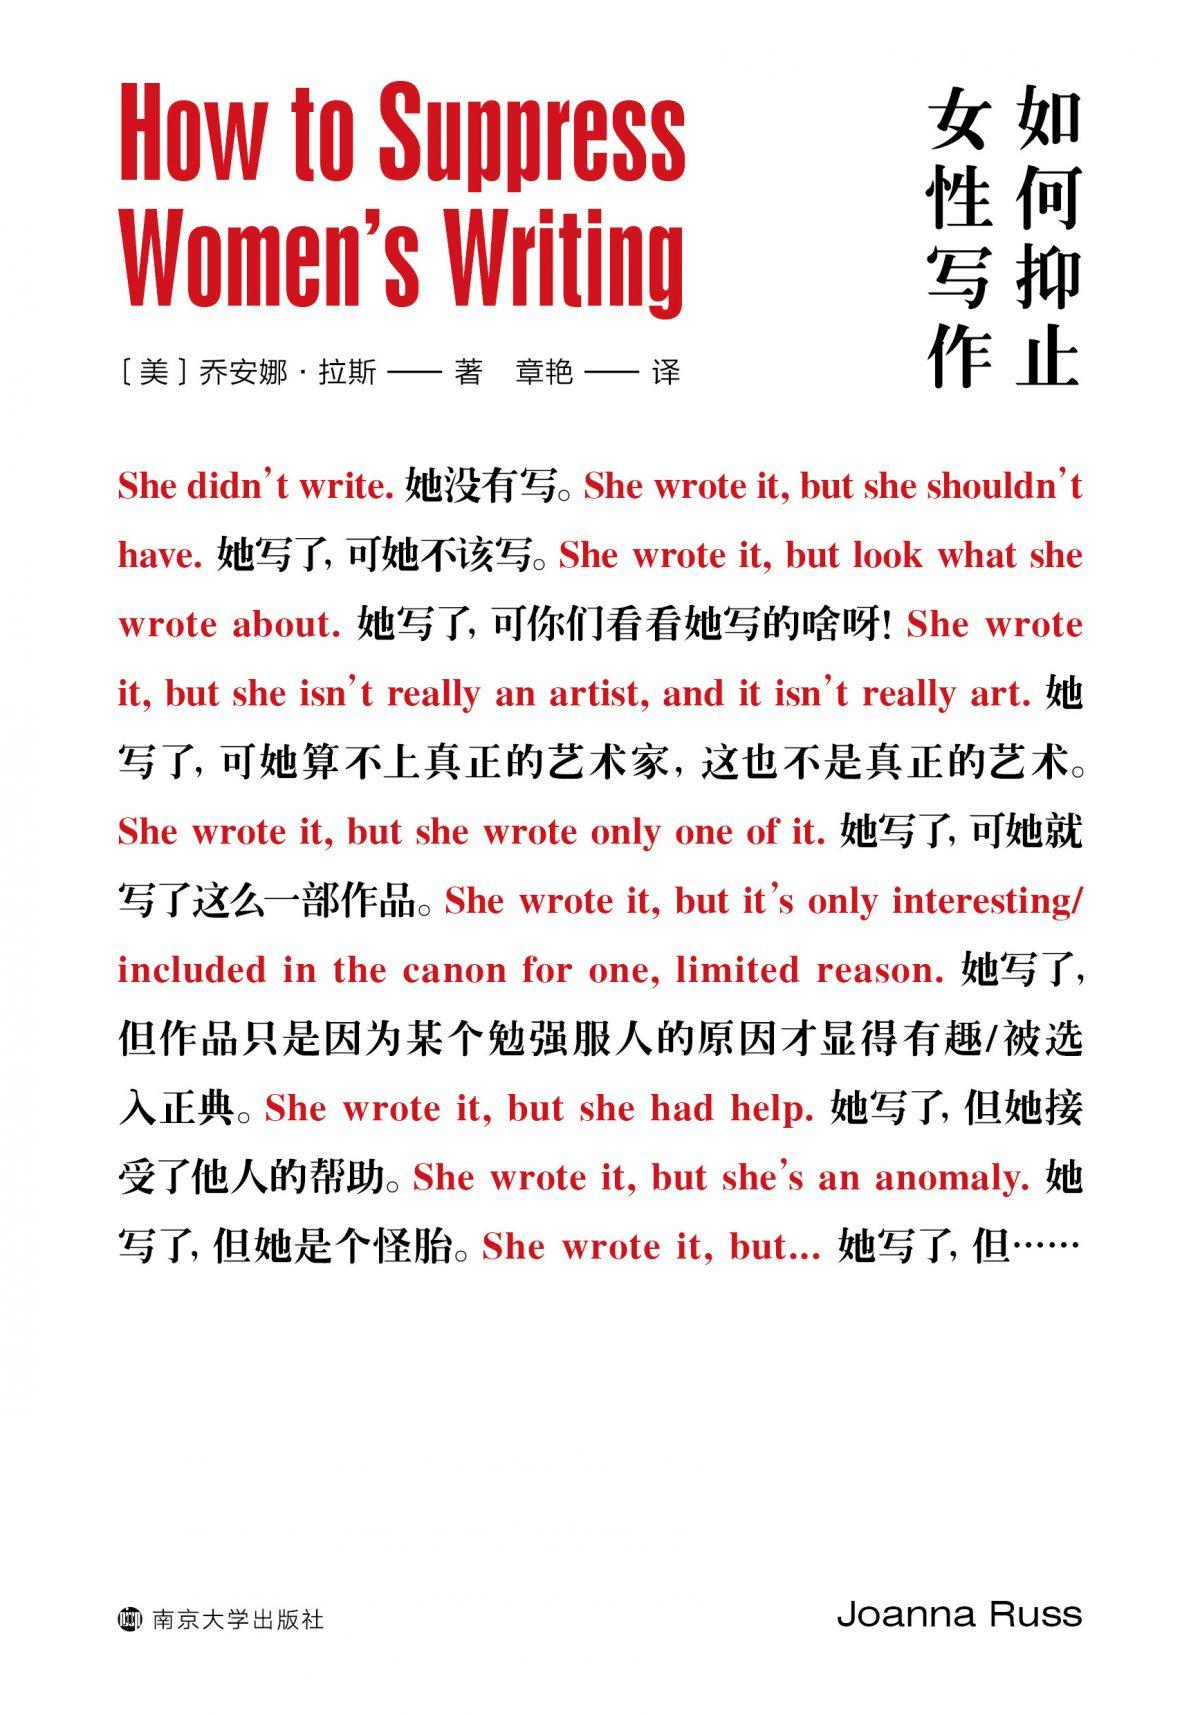 如何抑止女性写作